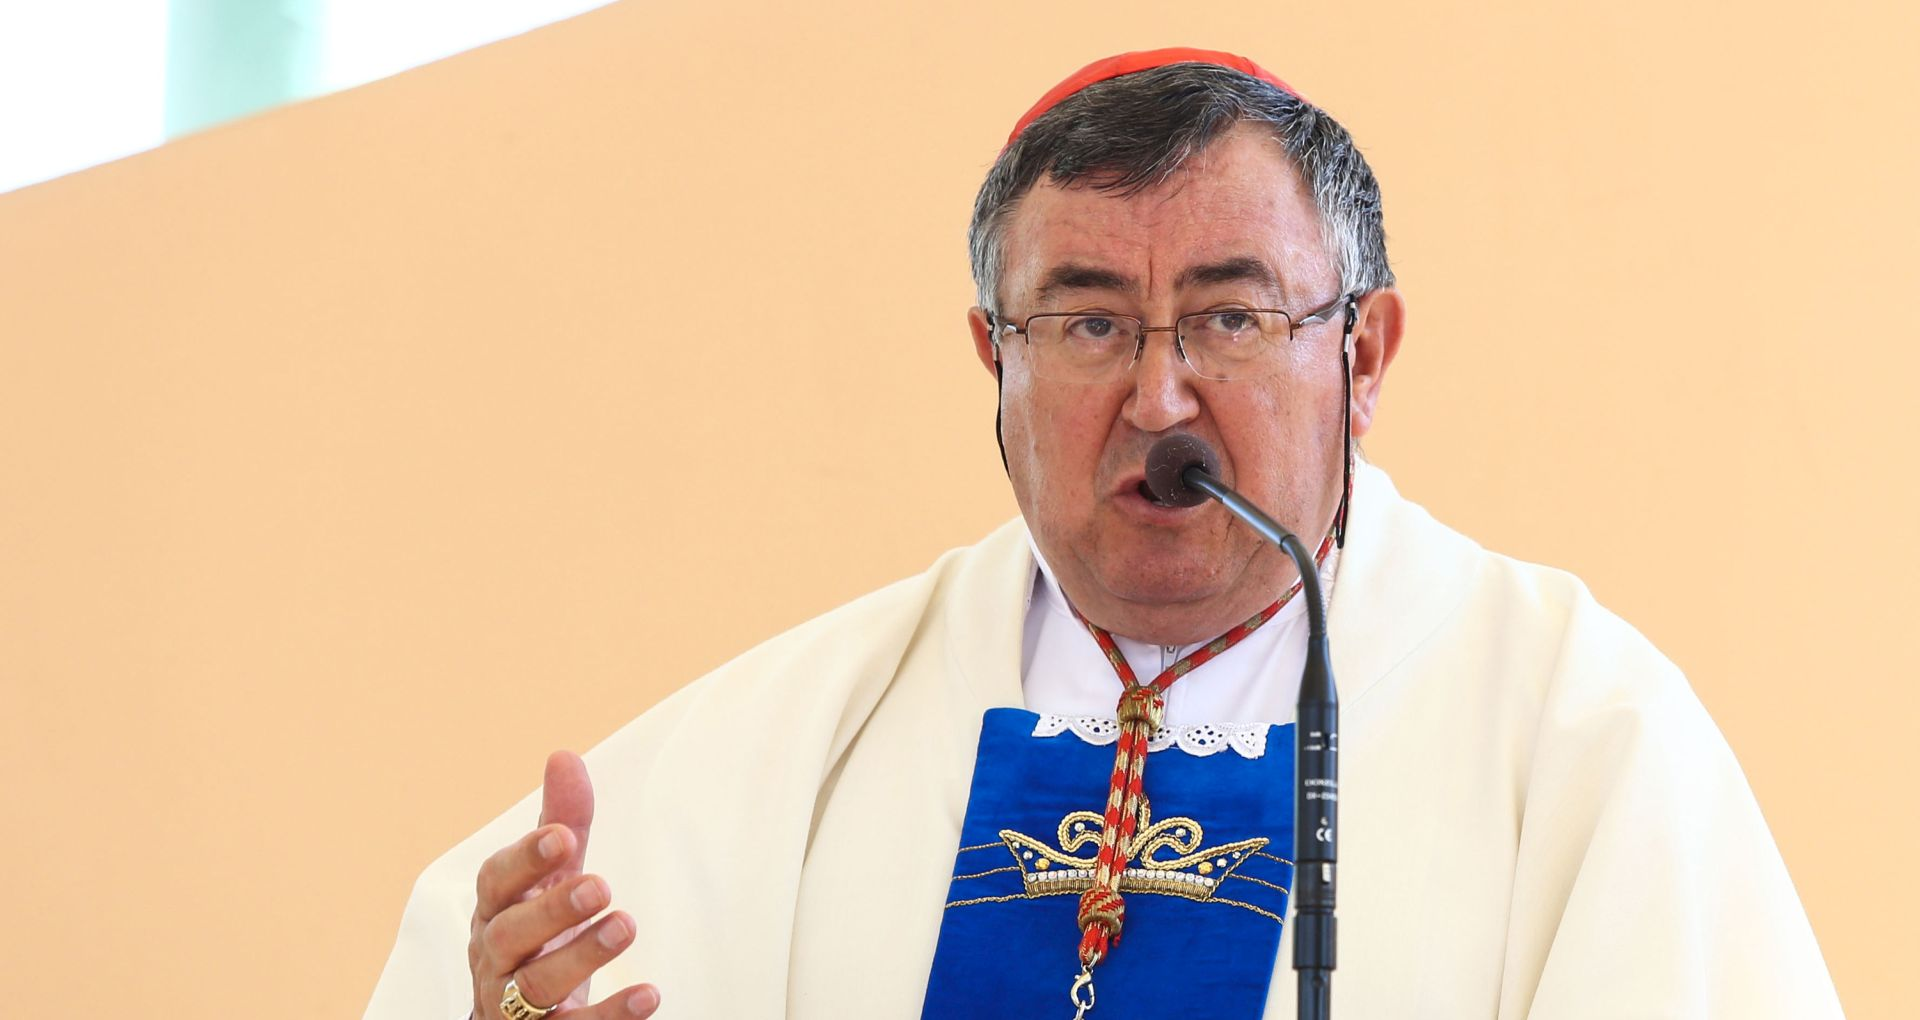 'Više vrednovati žene po ulozi kako im je dodijelio Bog, a ne konvencije'